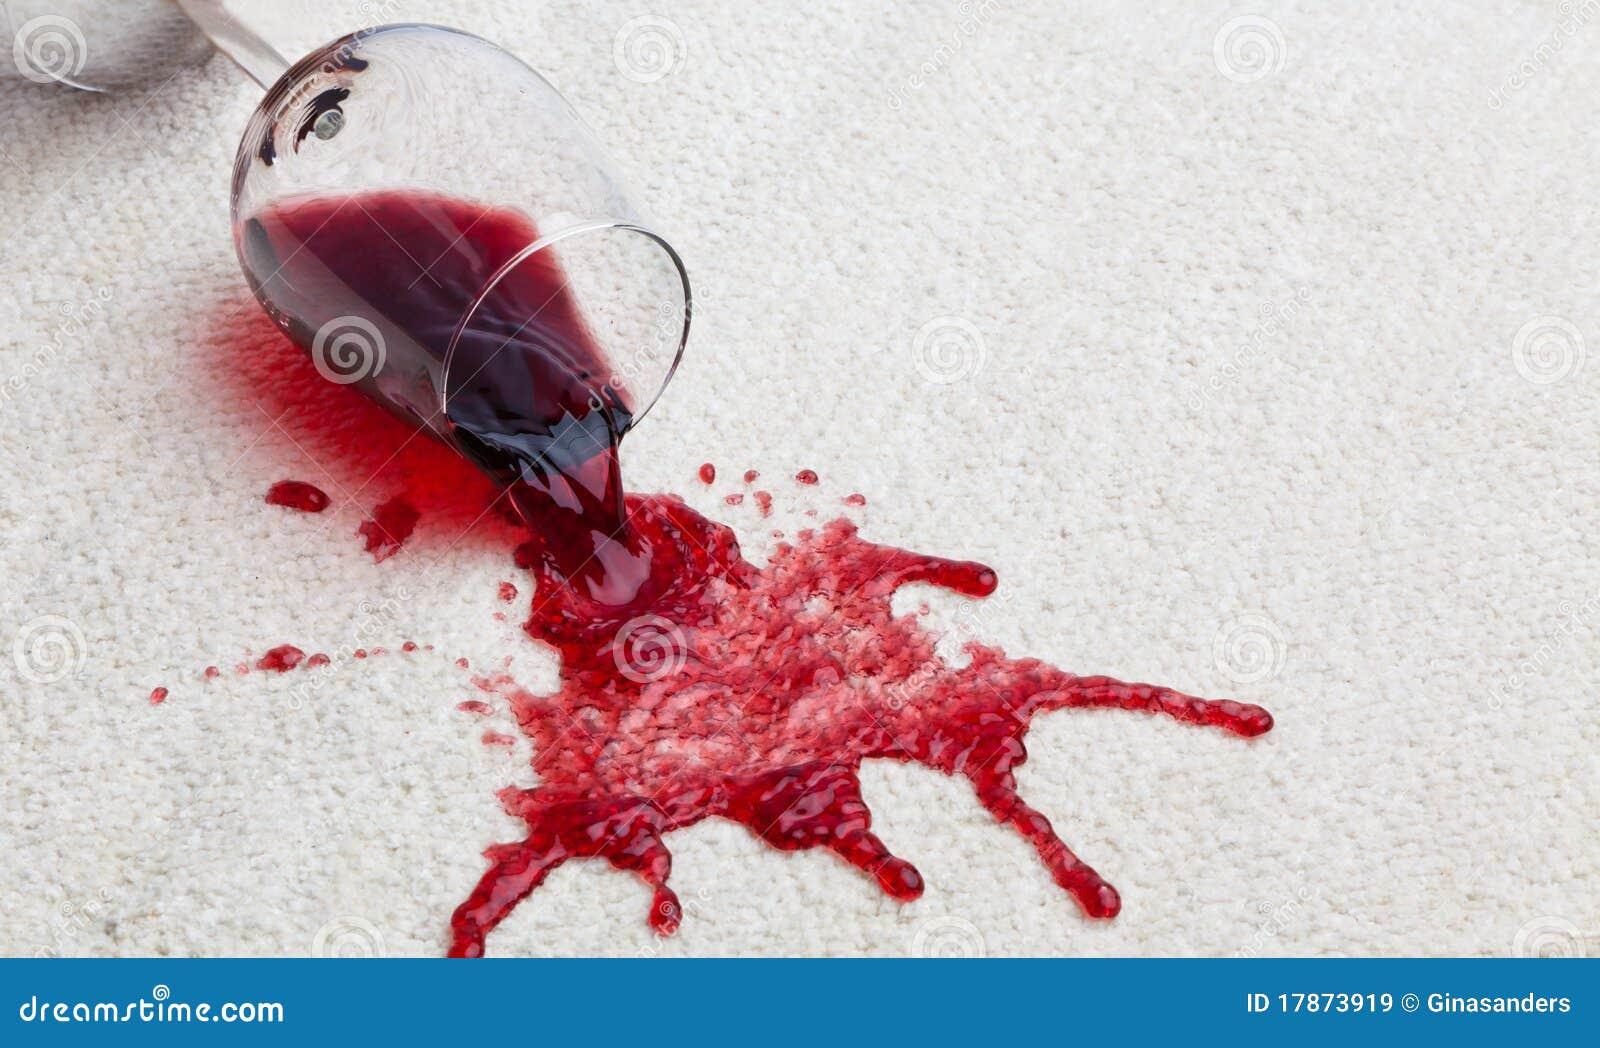 Schmutziger Glasteppich des Rotweins.